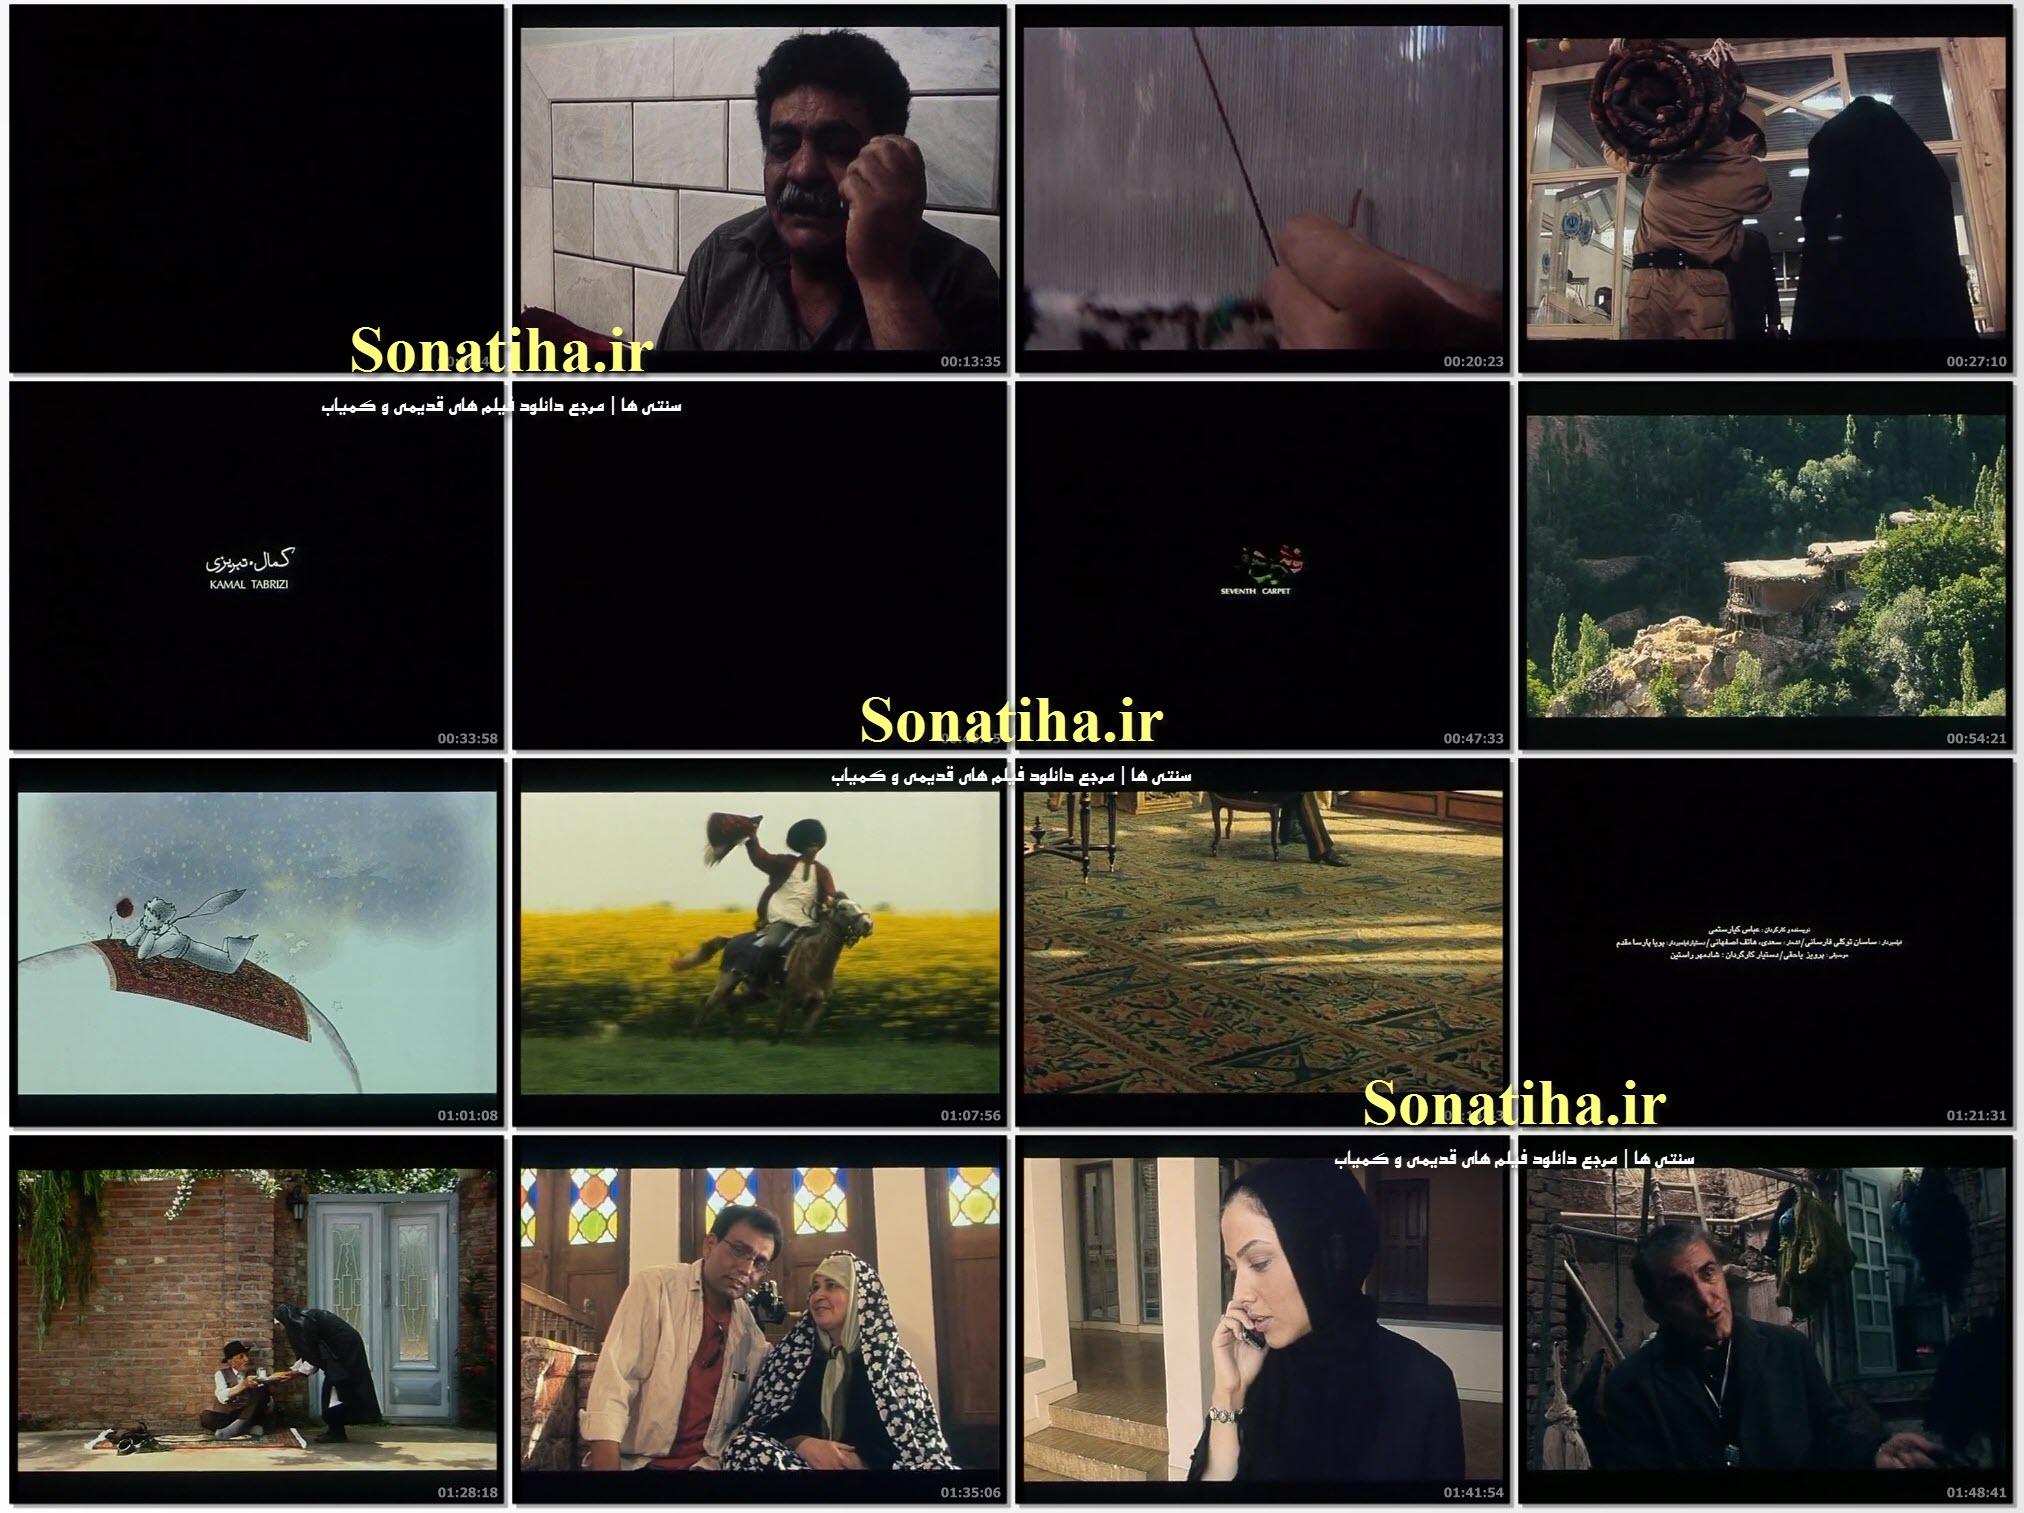 دانلود تصاویری از فیلم فرش ایرانی